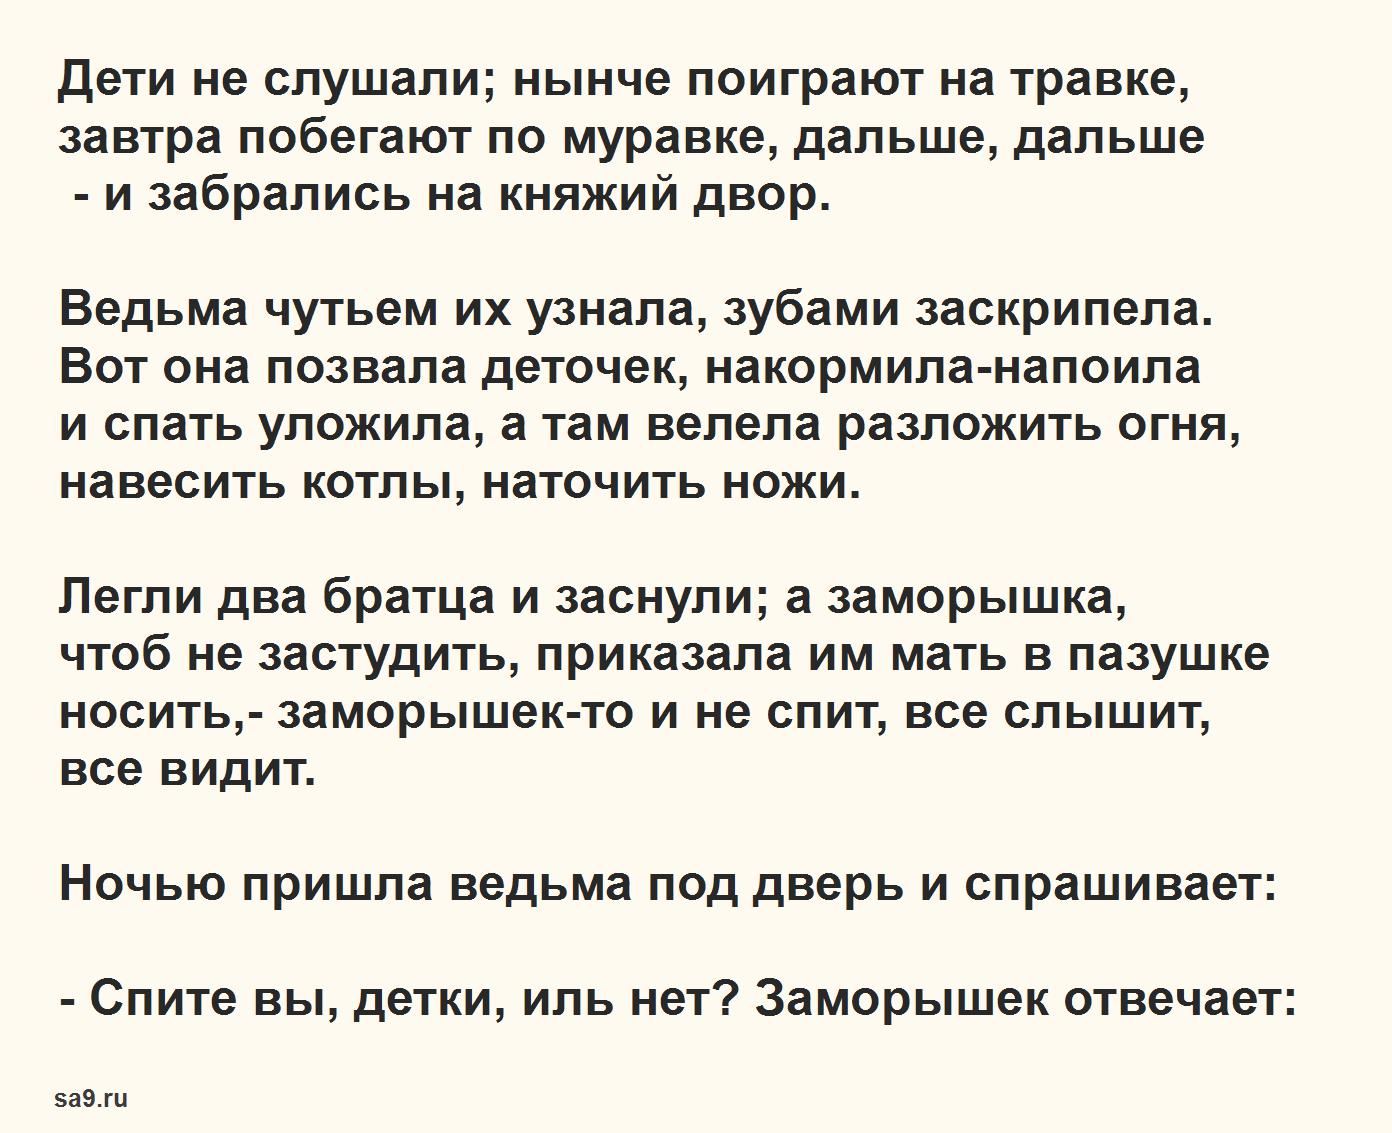 Читать русскую народную сказку - Белая уточка, для детей